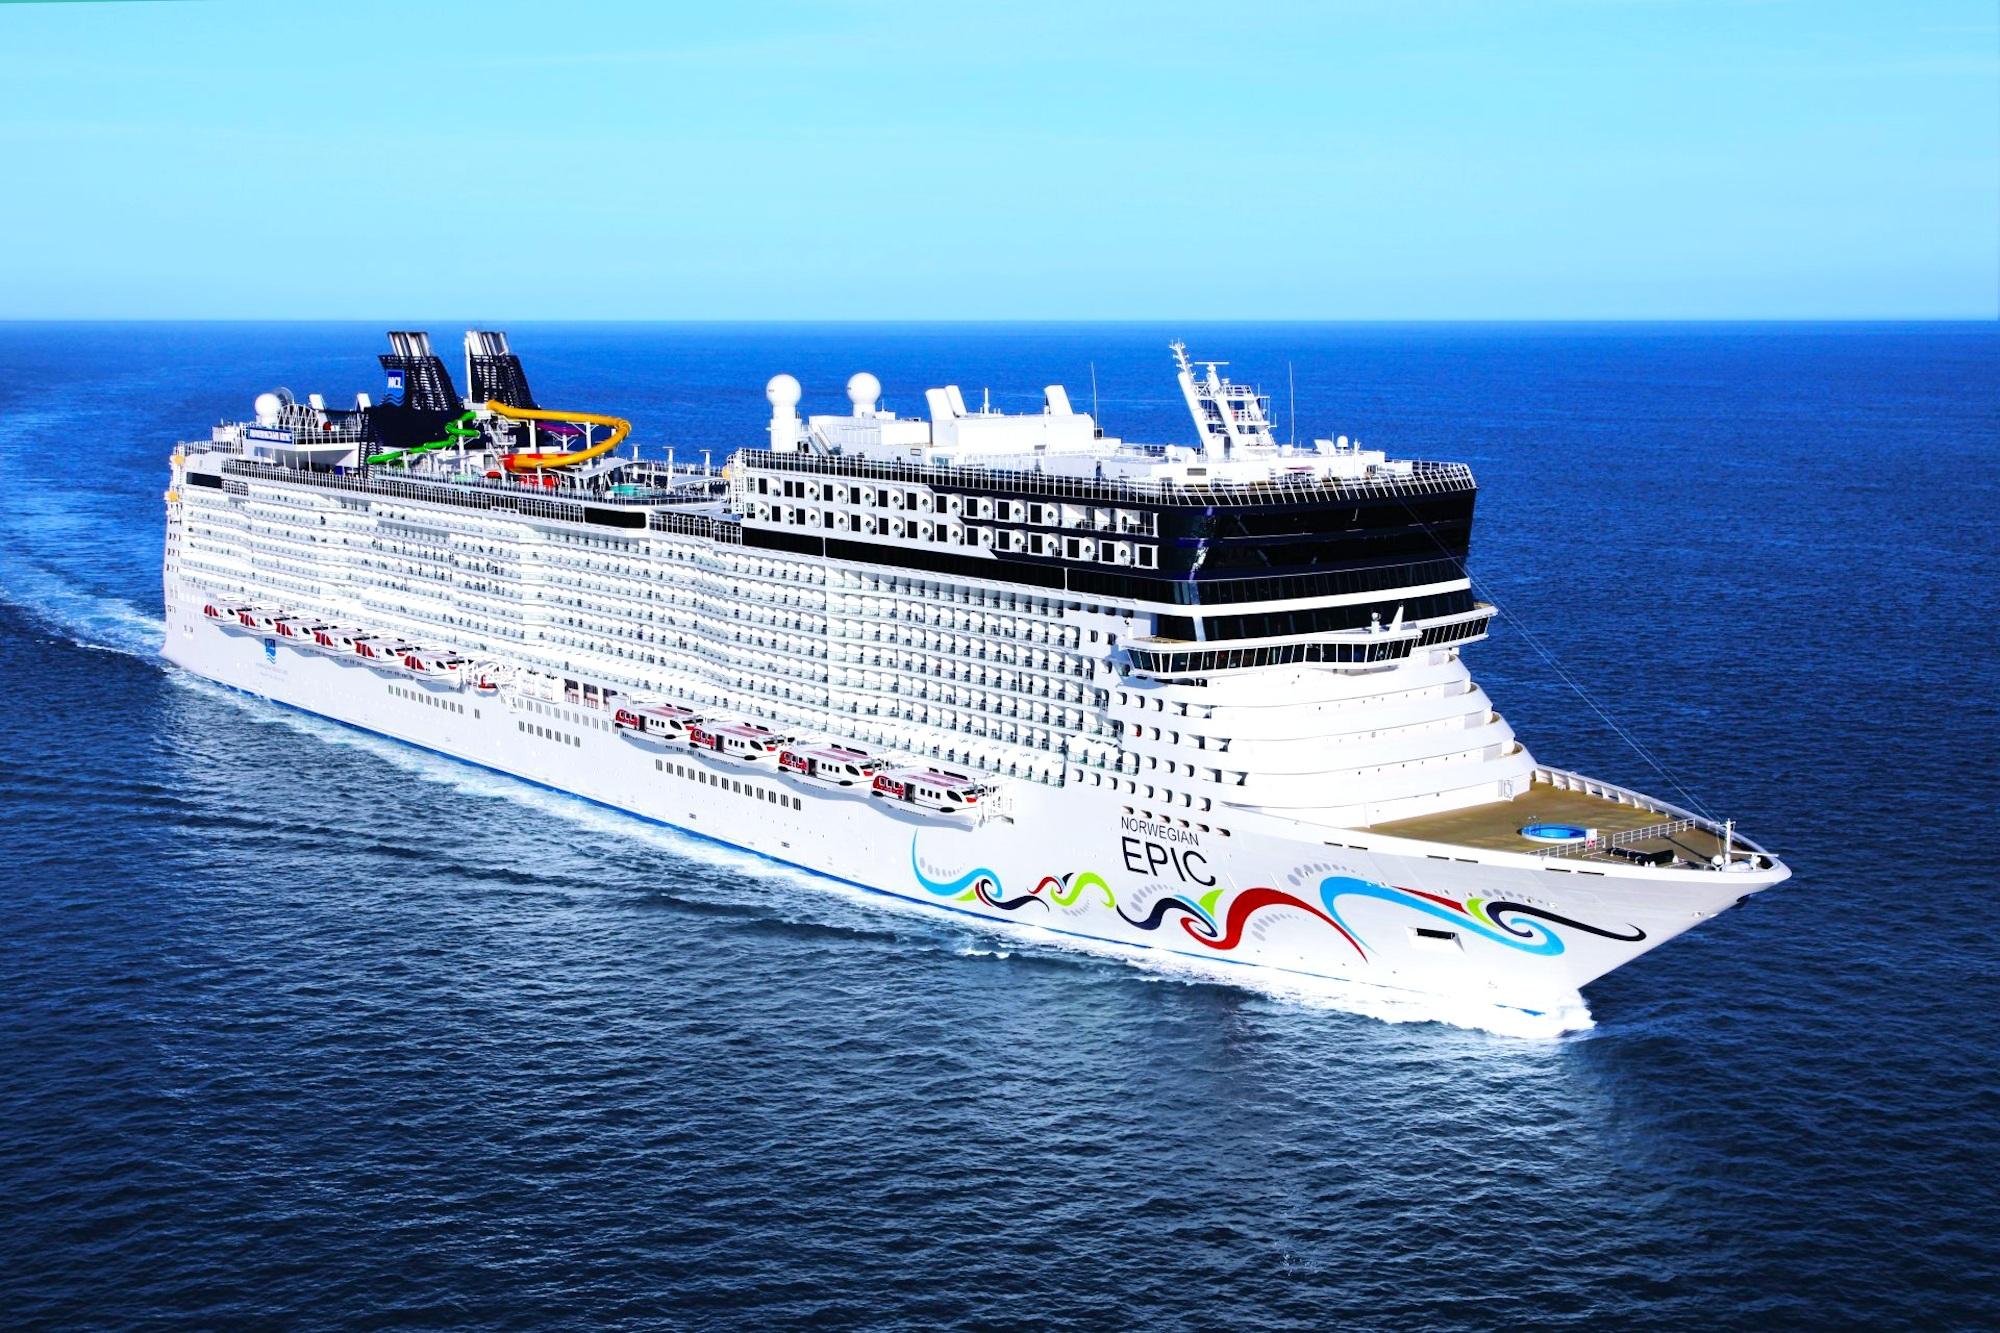 Norwegian_Epic_Cruiseliner